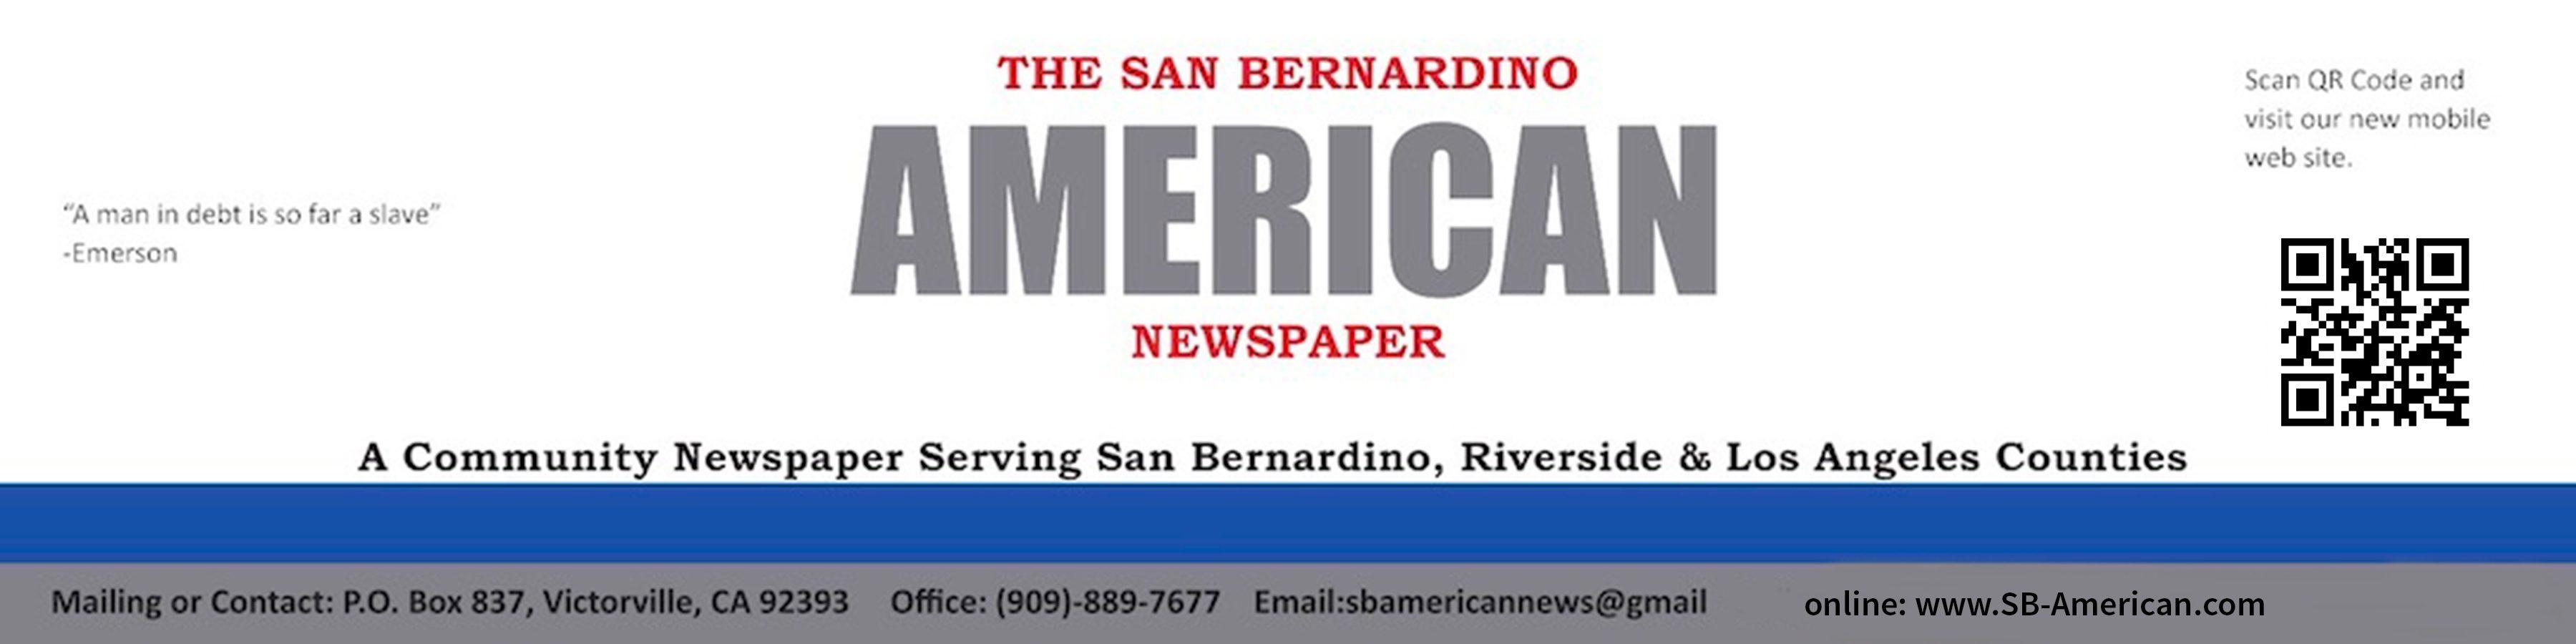 San Bernardino American News celebtates 50 Years!